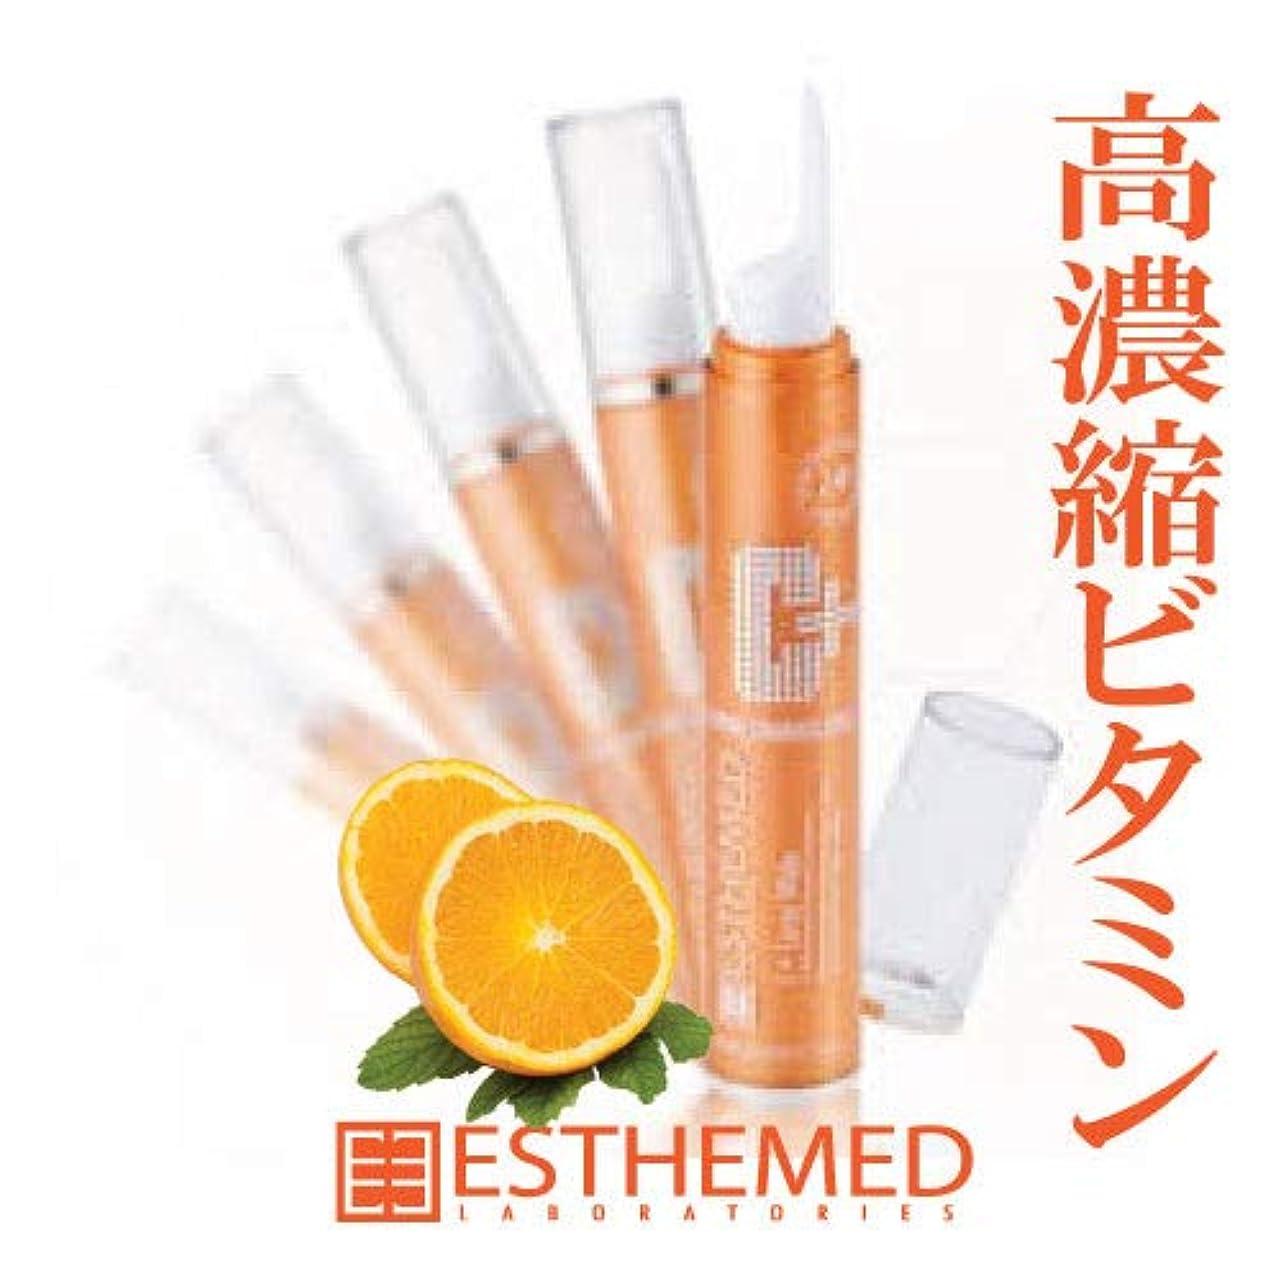 スイス人すみません種[ESTHEMED][エステメド]純粋なビタミンCの驚くホワイトニングC+レーザーホワイト15ml/ビタミン、Whitening、レーザ